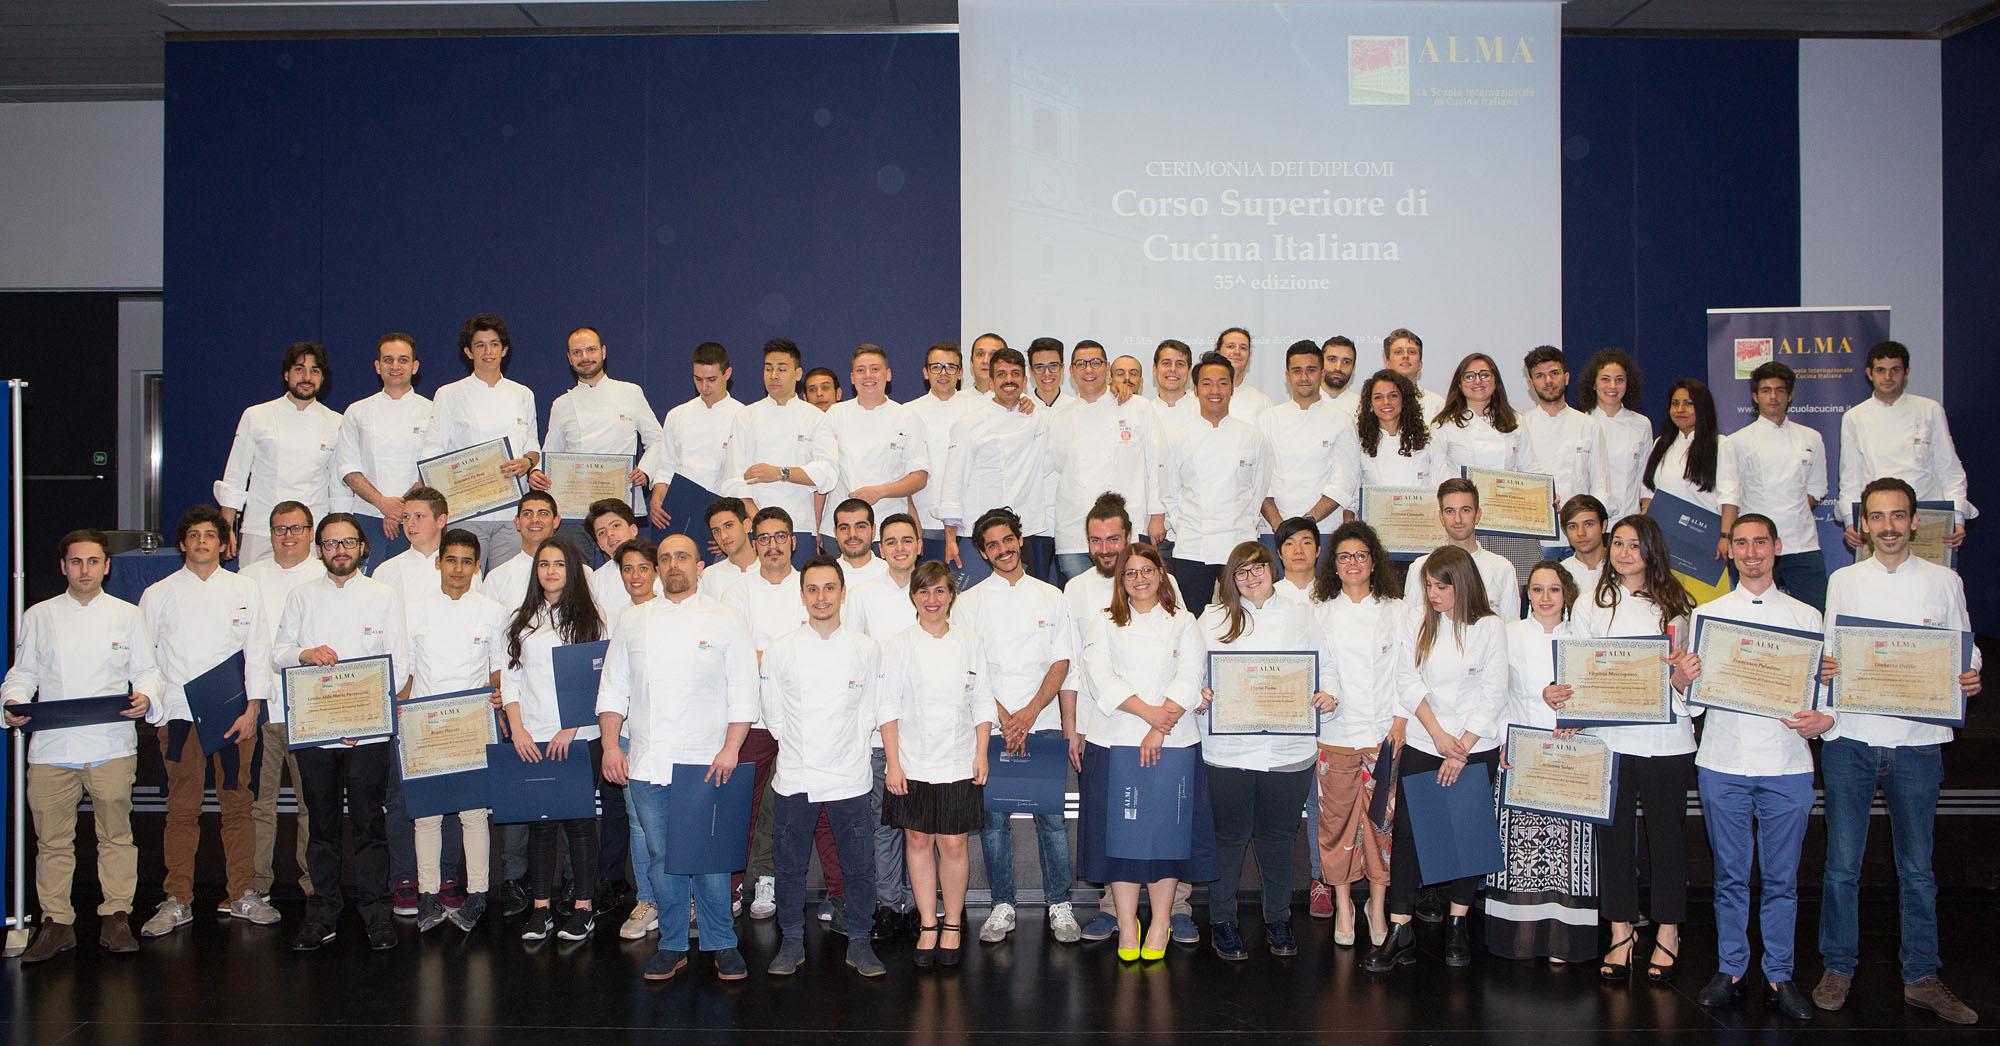 ALMA - Scuola Internazionale di Cucina Italiana